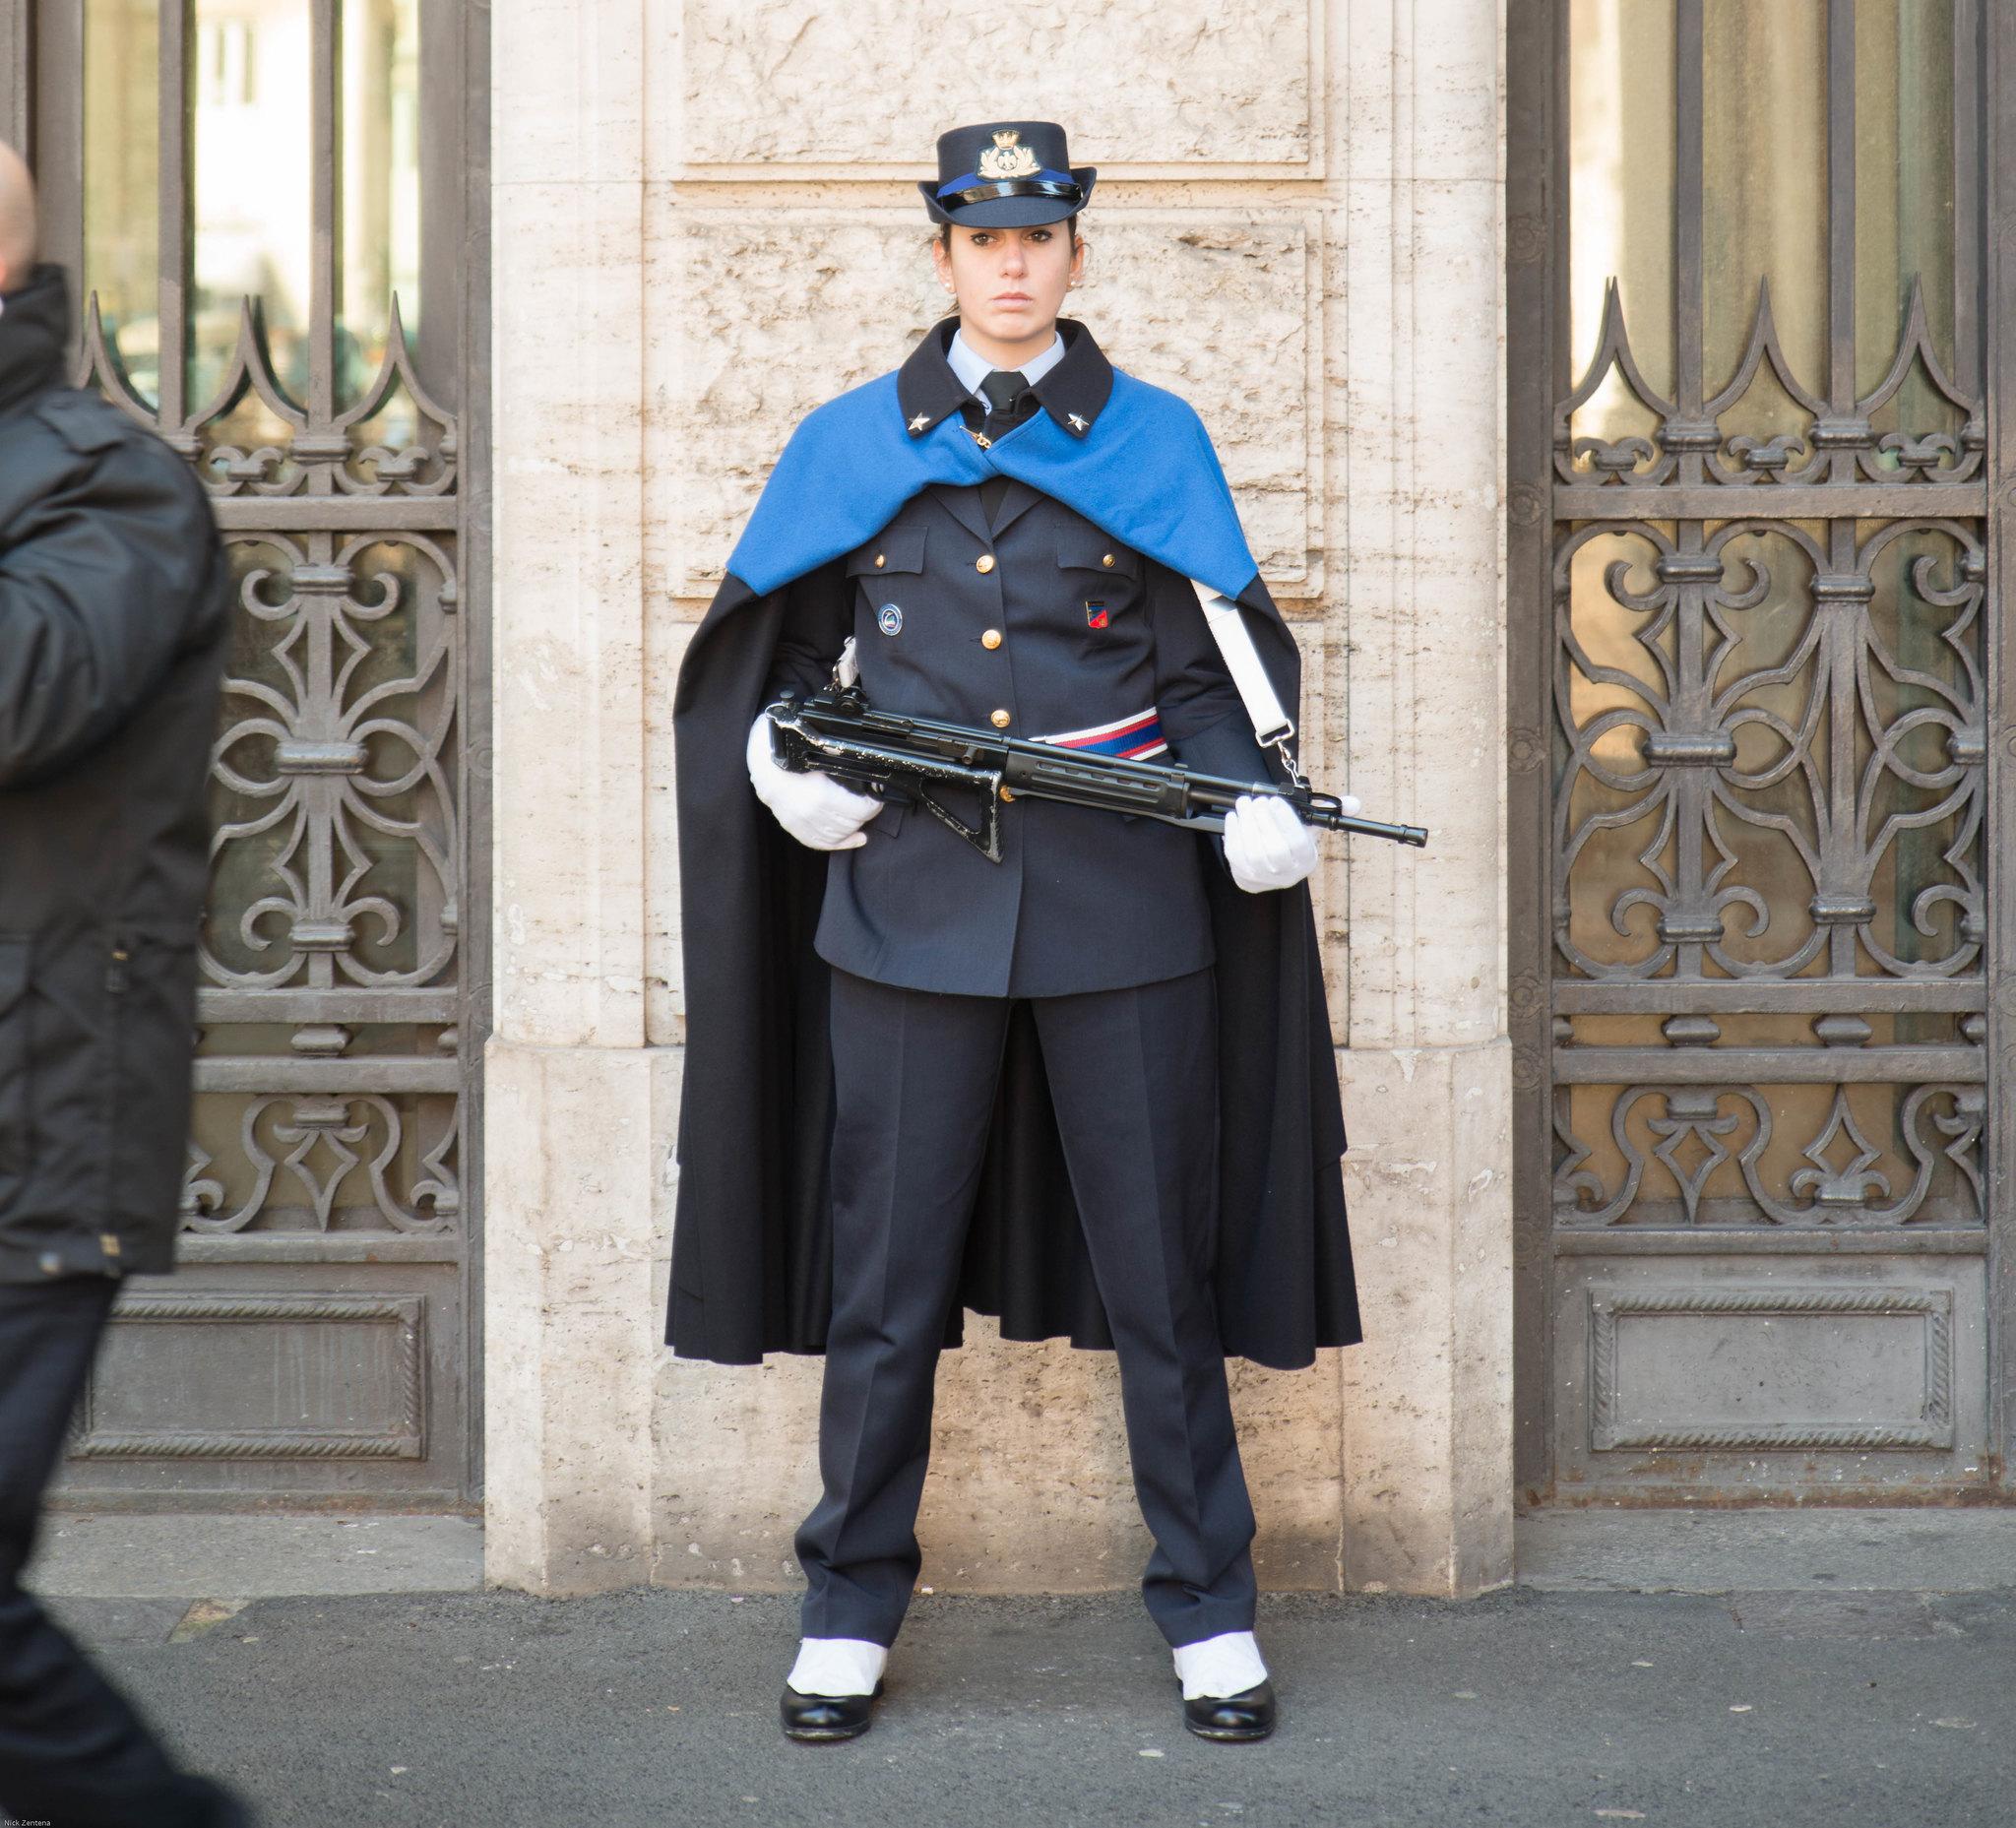 Italian Senate guard in a cloak